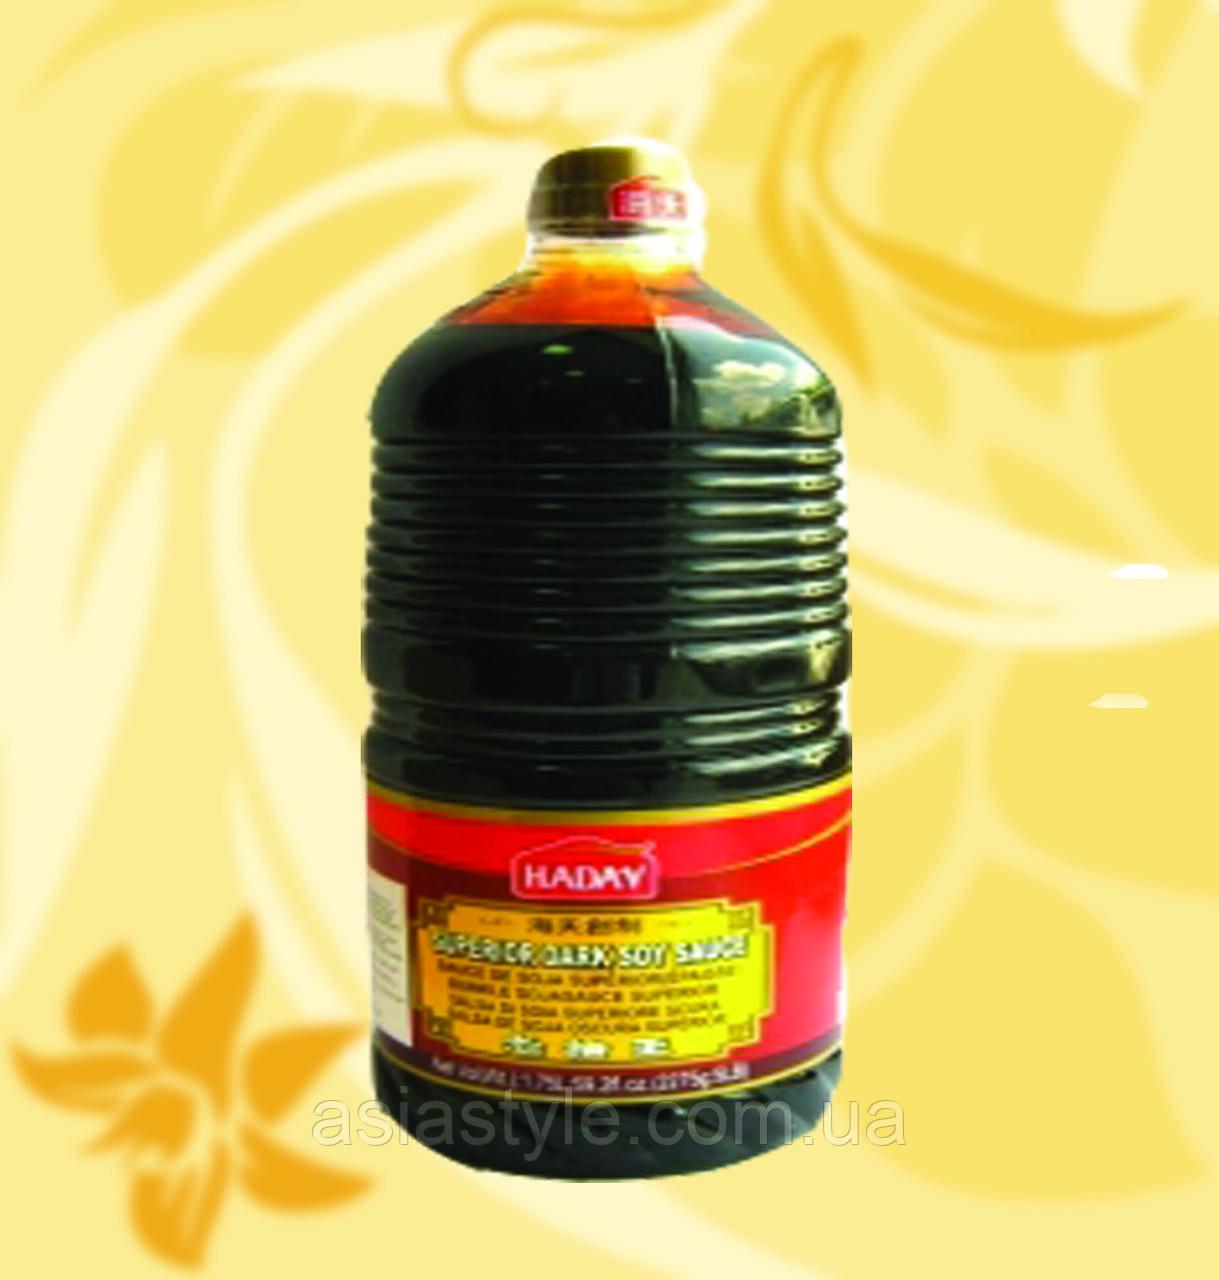 Соус соєвий темний, Haday, 1750мл, НФЗМ